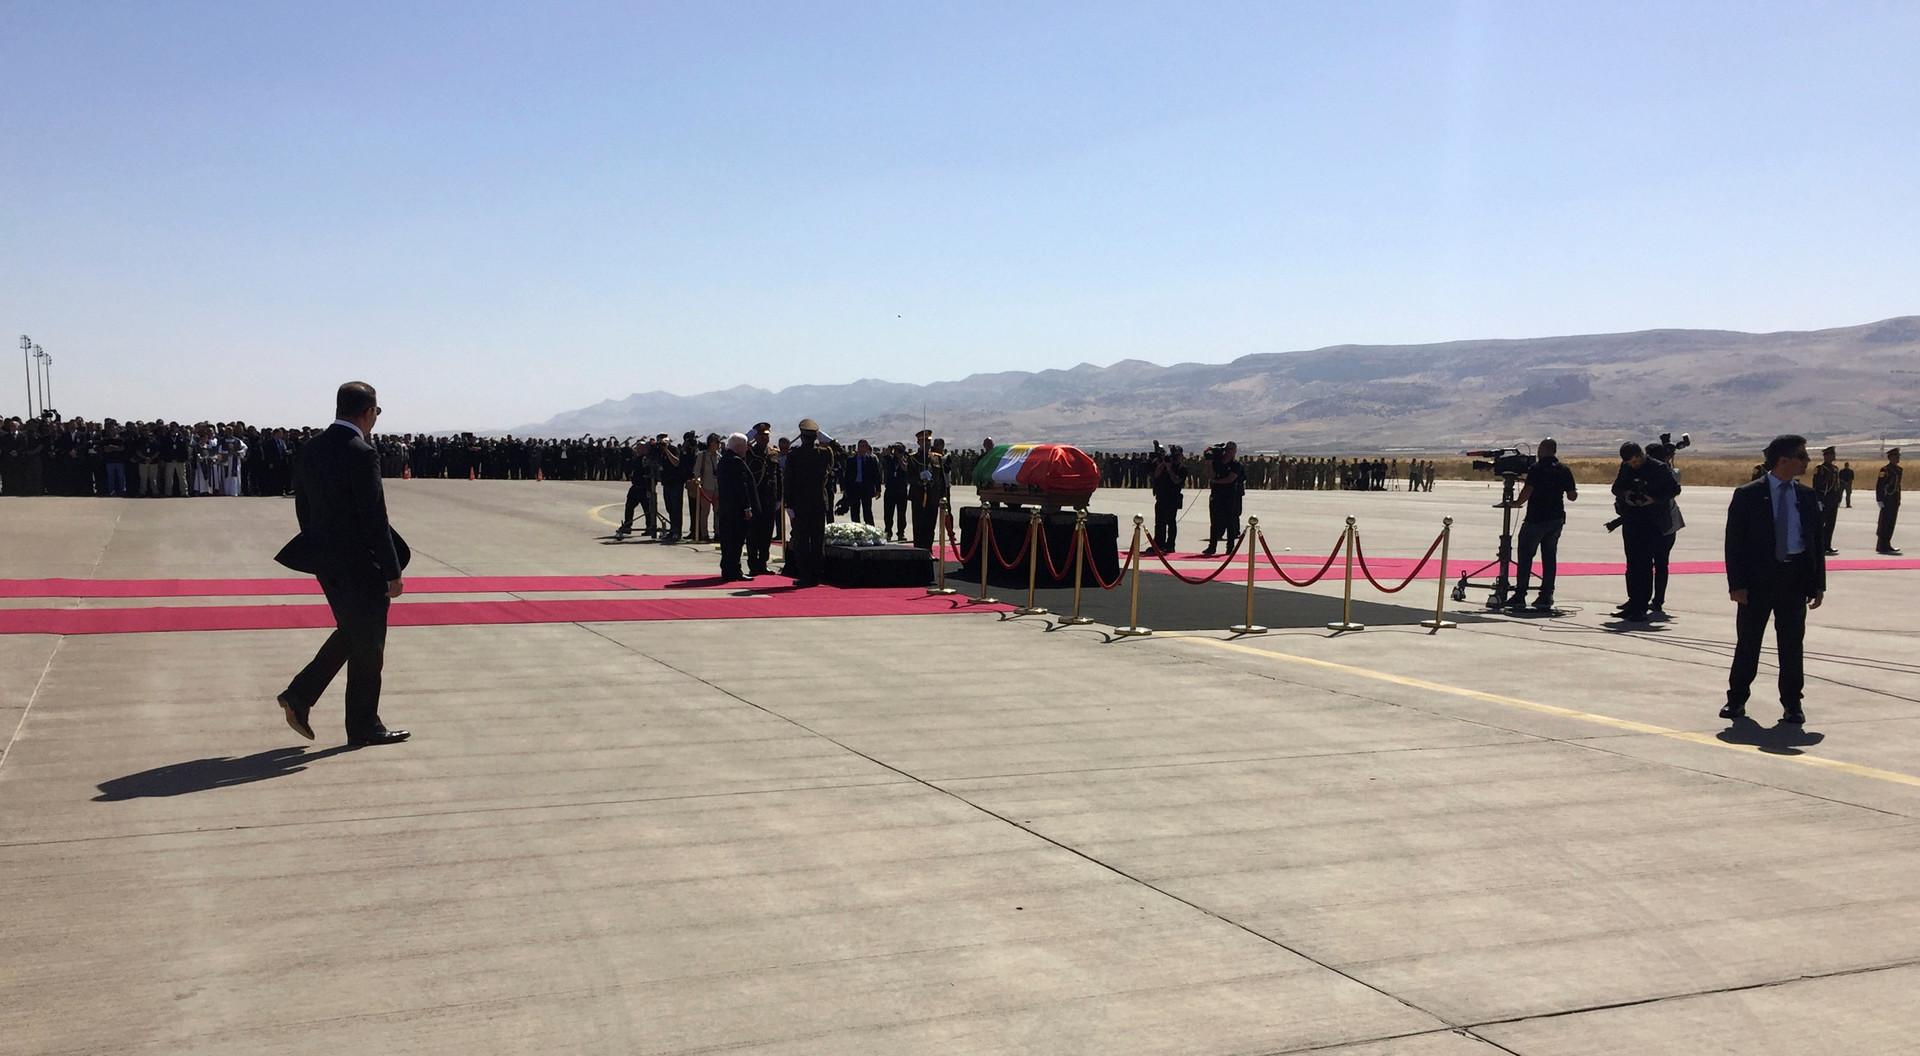 طالباني إلى مثواه الأخير مغطى بعلم كردستان